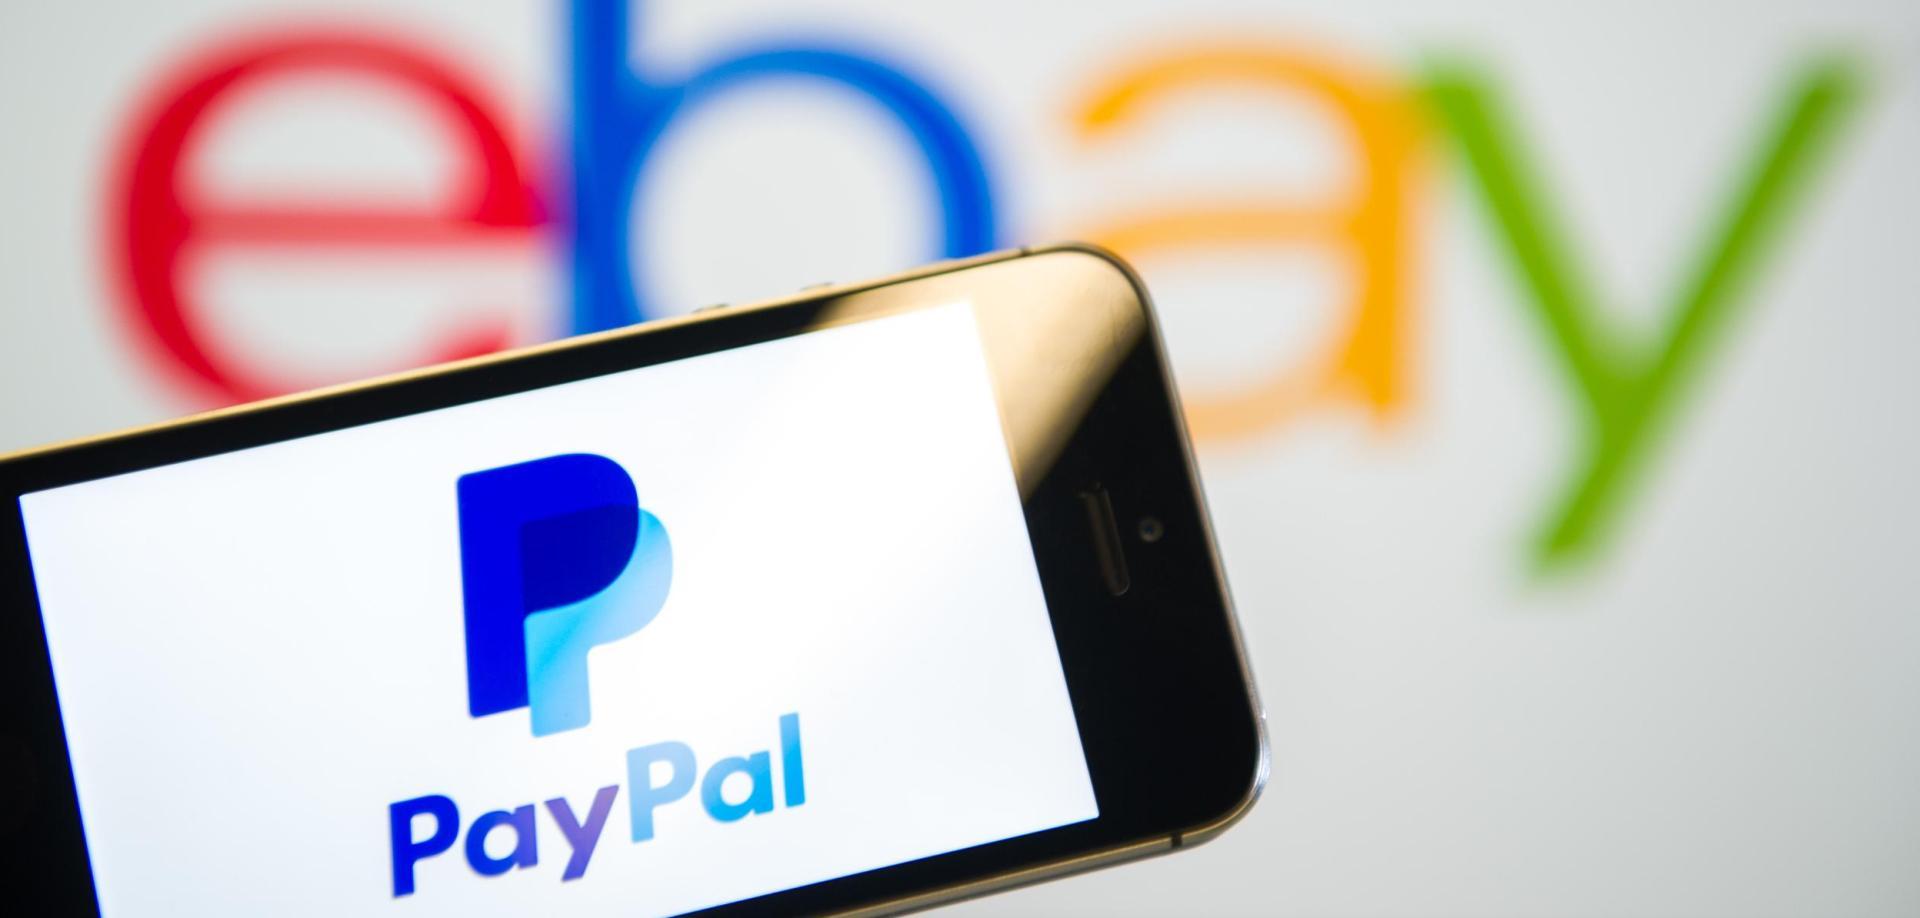 10€ (ohne MBW) Paypal Gutschein für inaktive Ebay-Nutzer Mindestens 1 Jahr